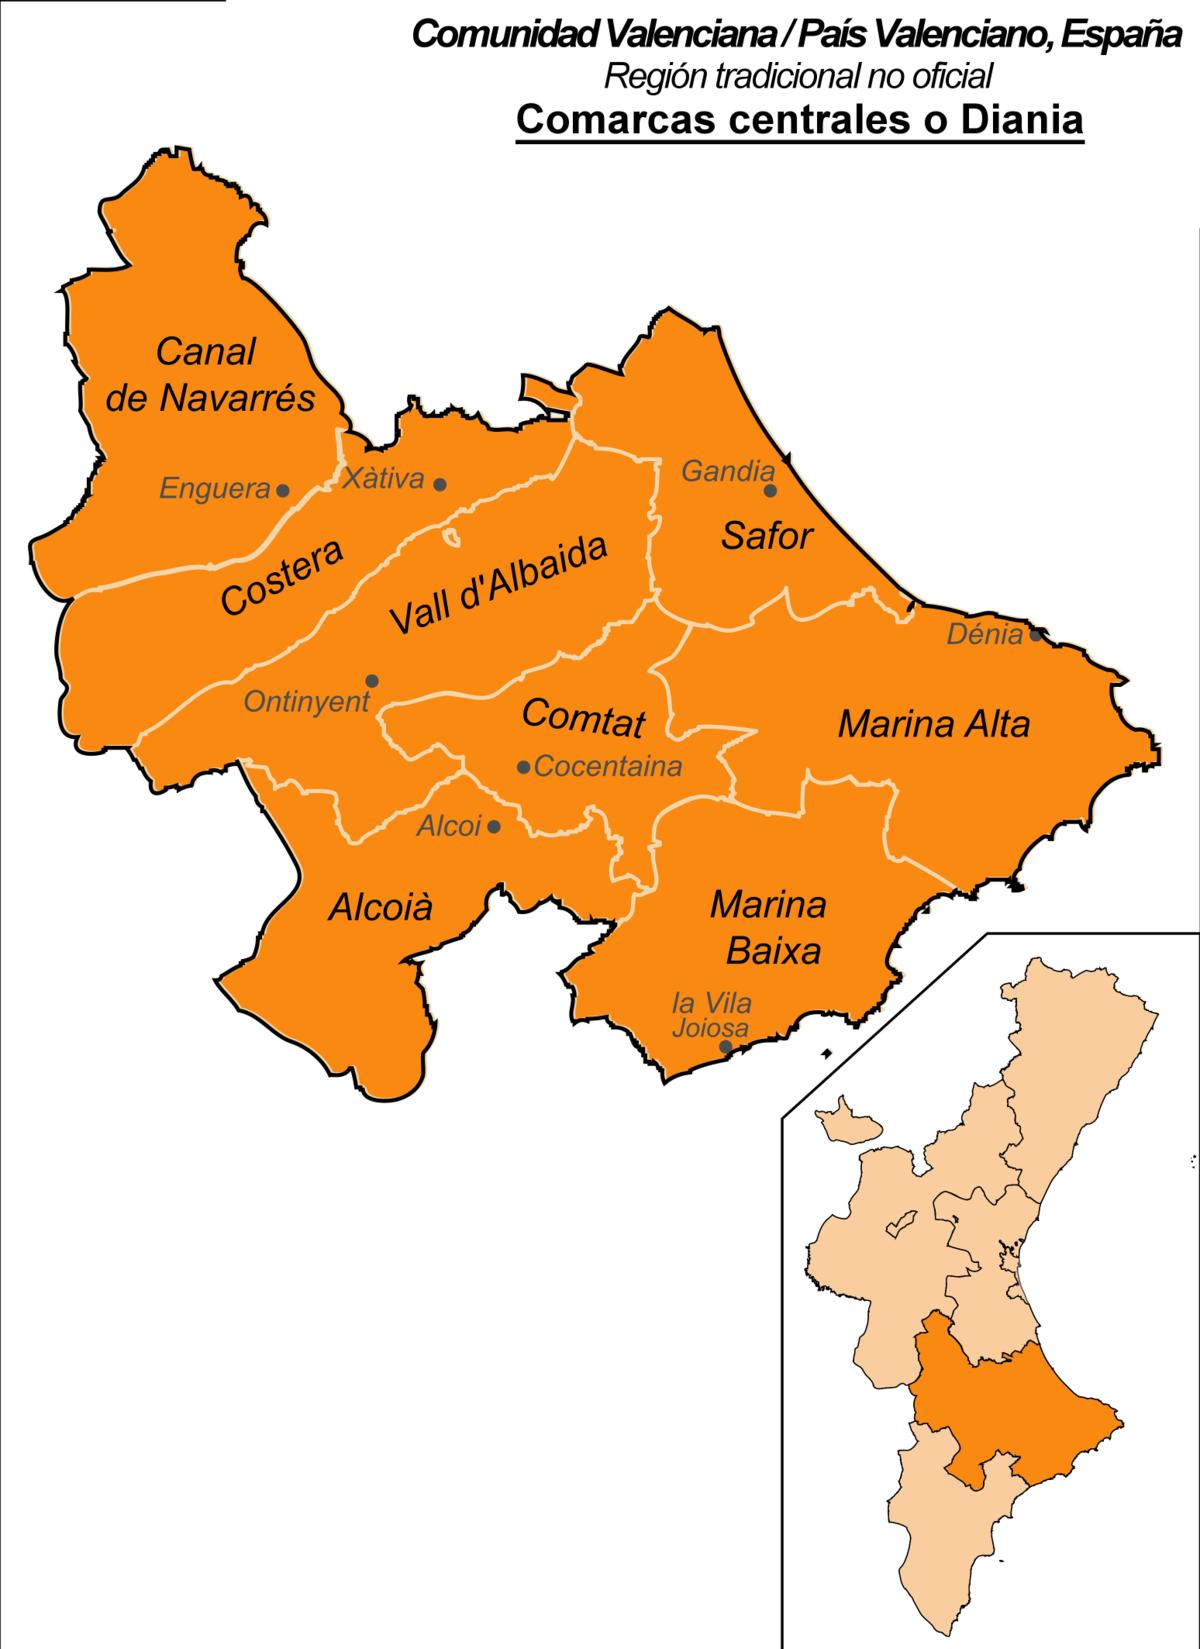 Comarcas Centrales De La Comunidad Valenciana